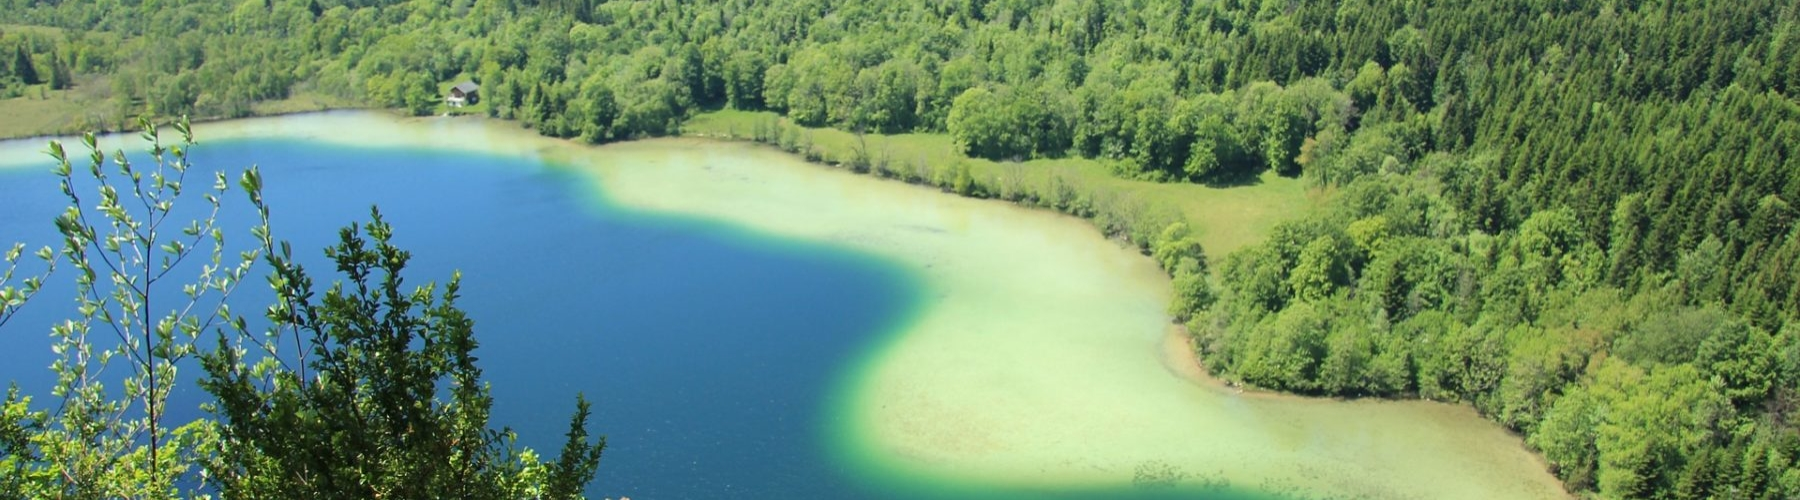 Lac Léman - Jura